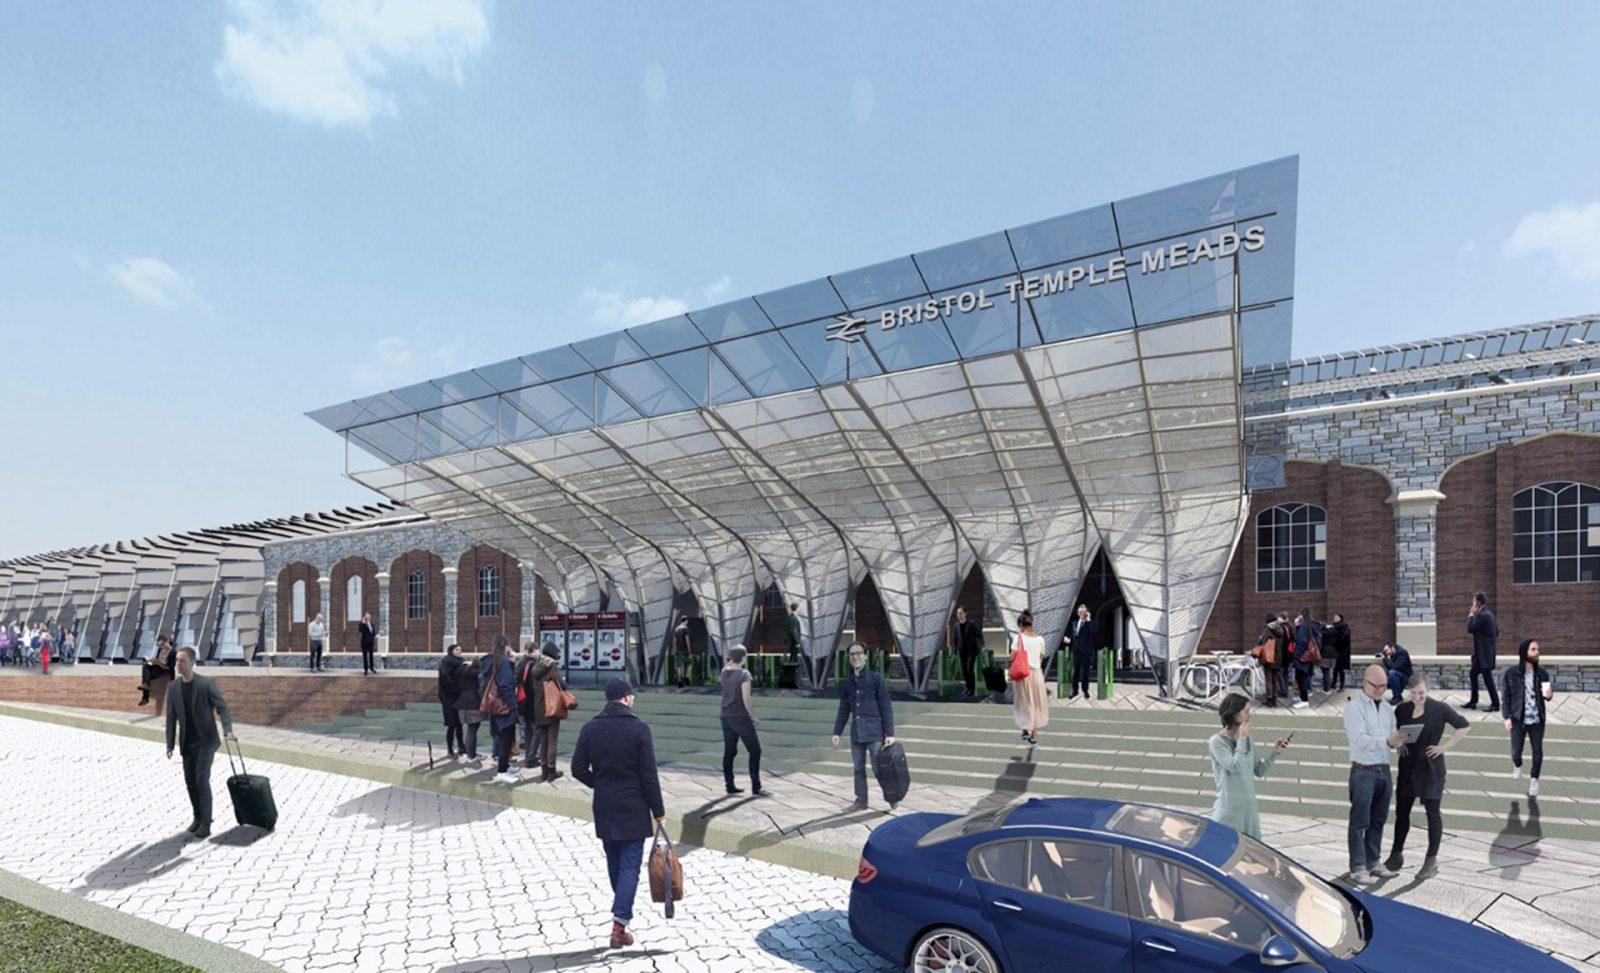 bristol temple meads regeneration london platform entrance canopy architects jersey architects1 1